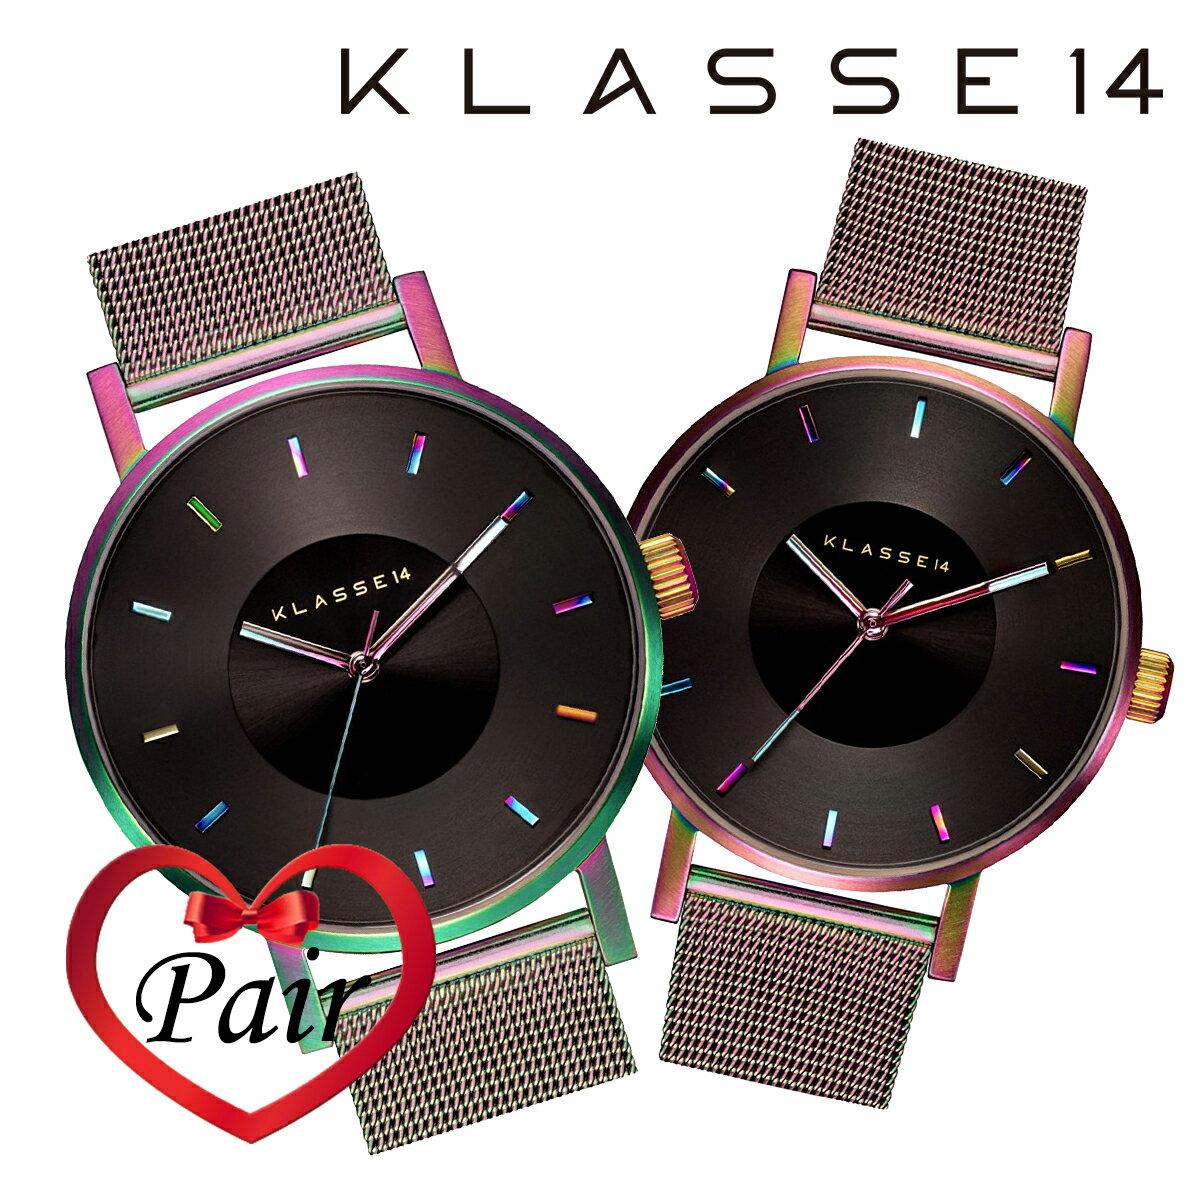 クラス14 klasse14 ペアウォッチ VO15TI002M VO15TI002W プレゼント 贈り物 腕時計 [人気][流行][ブランド][ギフト][プレゼント][あす楽対応][送料無料][海外正規店商品]